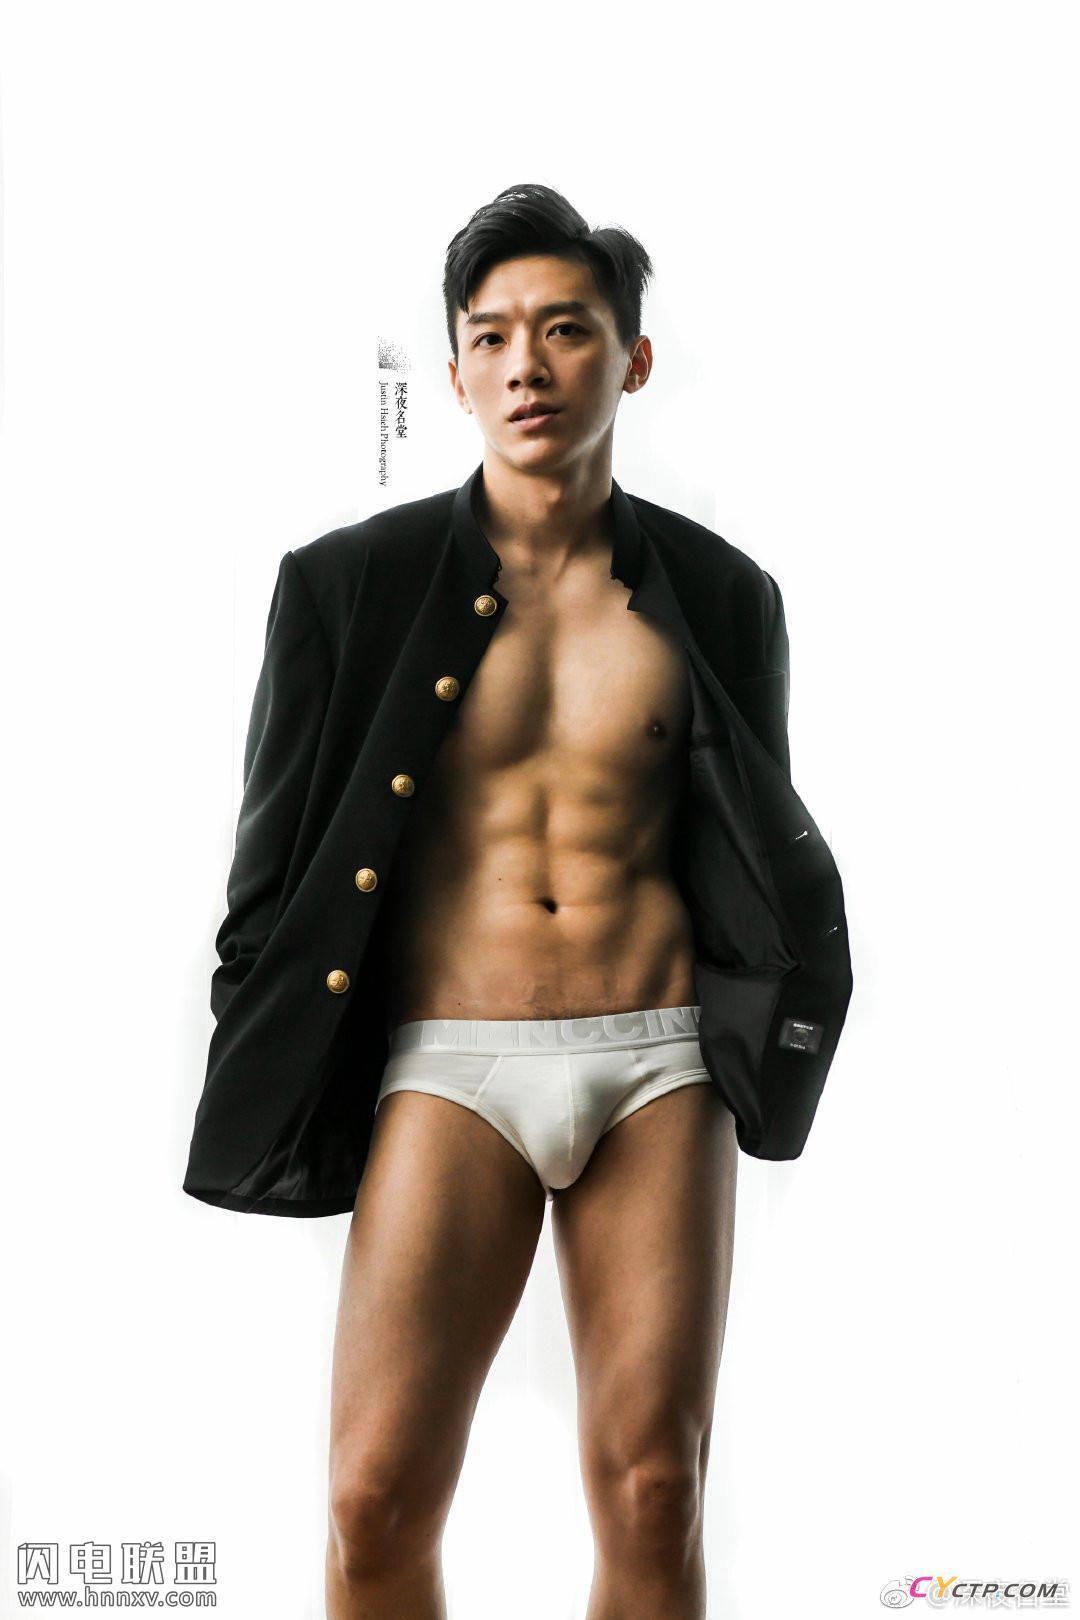 性感肌肉帅哥同志白色三角内裤腹肌写真图片第1张